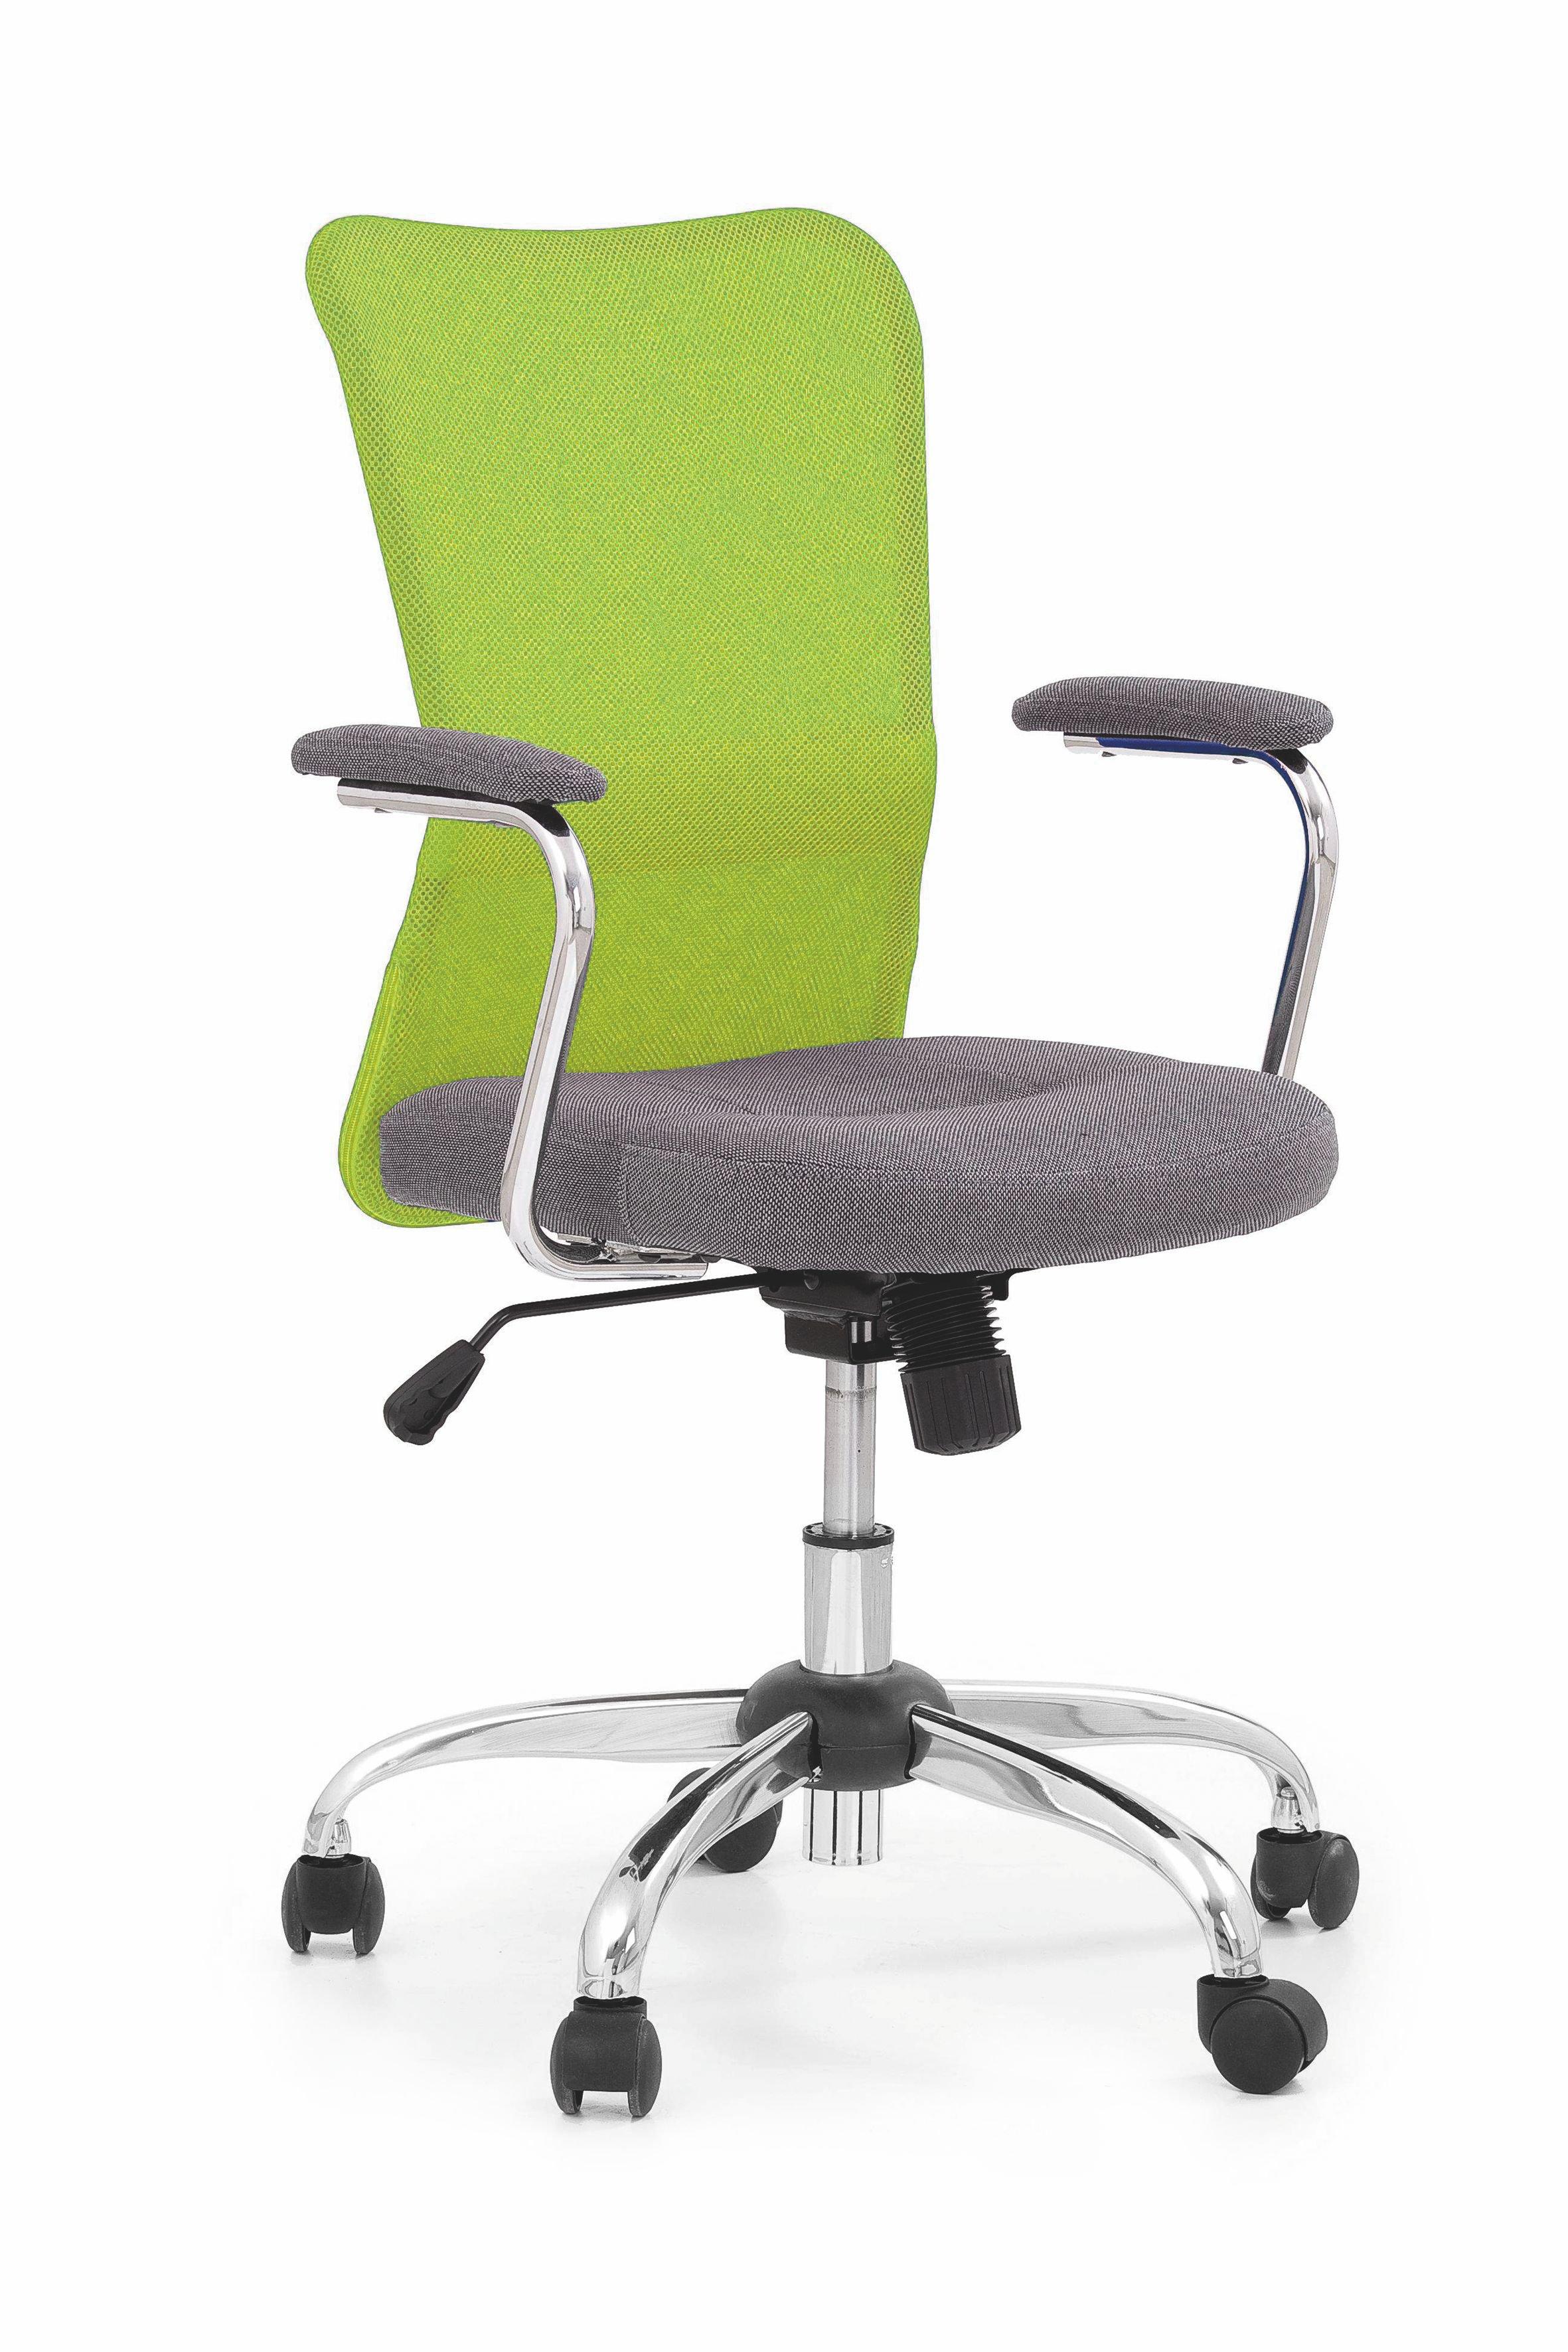 Detská stolička - Halmar - Andy. Sme autorizovaný predajca Halmar. Vlastná spoľahlivá doprava až k Vám domov.